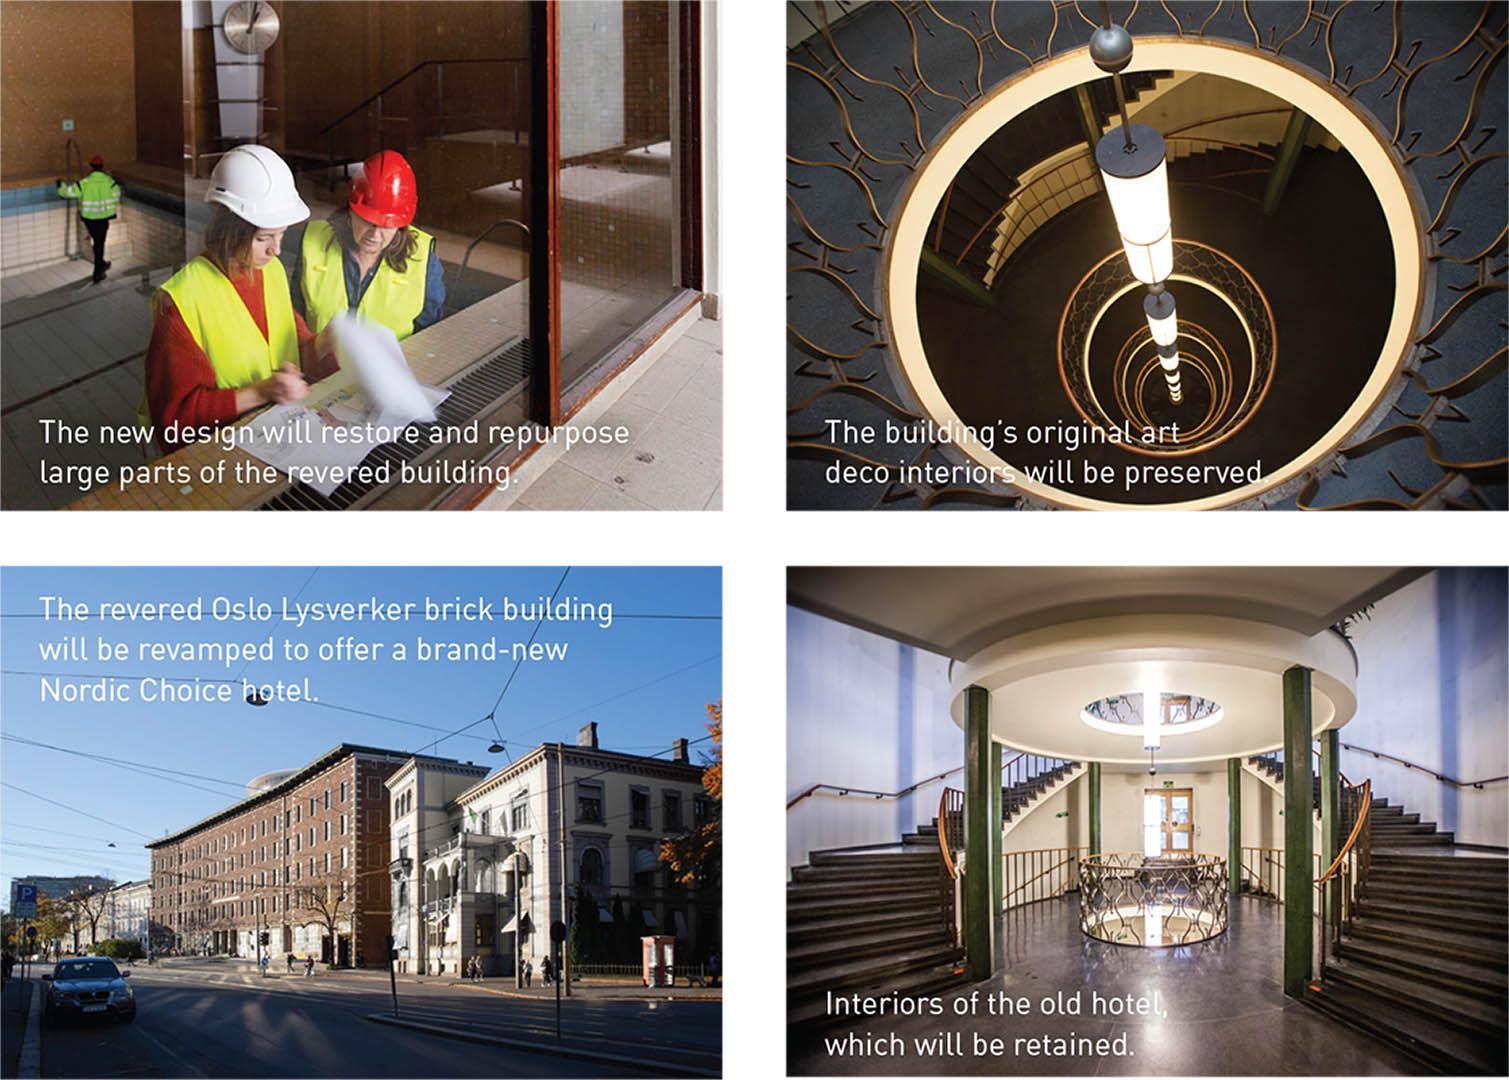 LPO Arkitekter:  Innovation through revitalisation, Scan Magazine